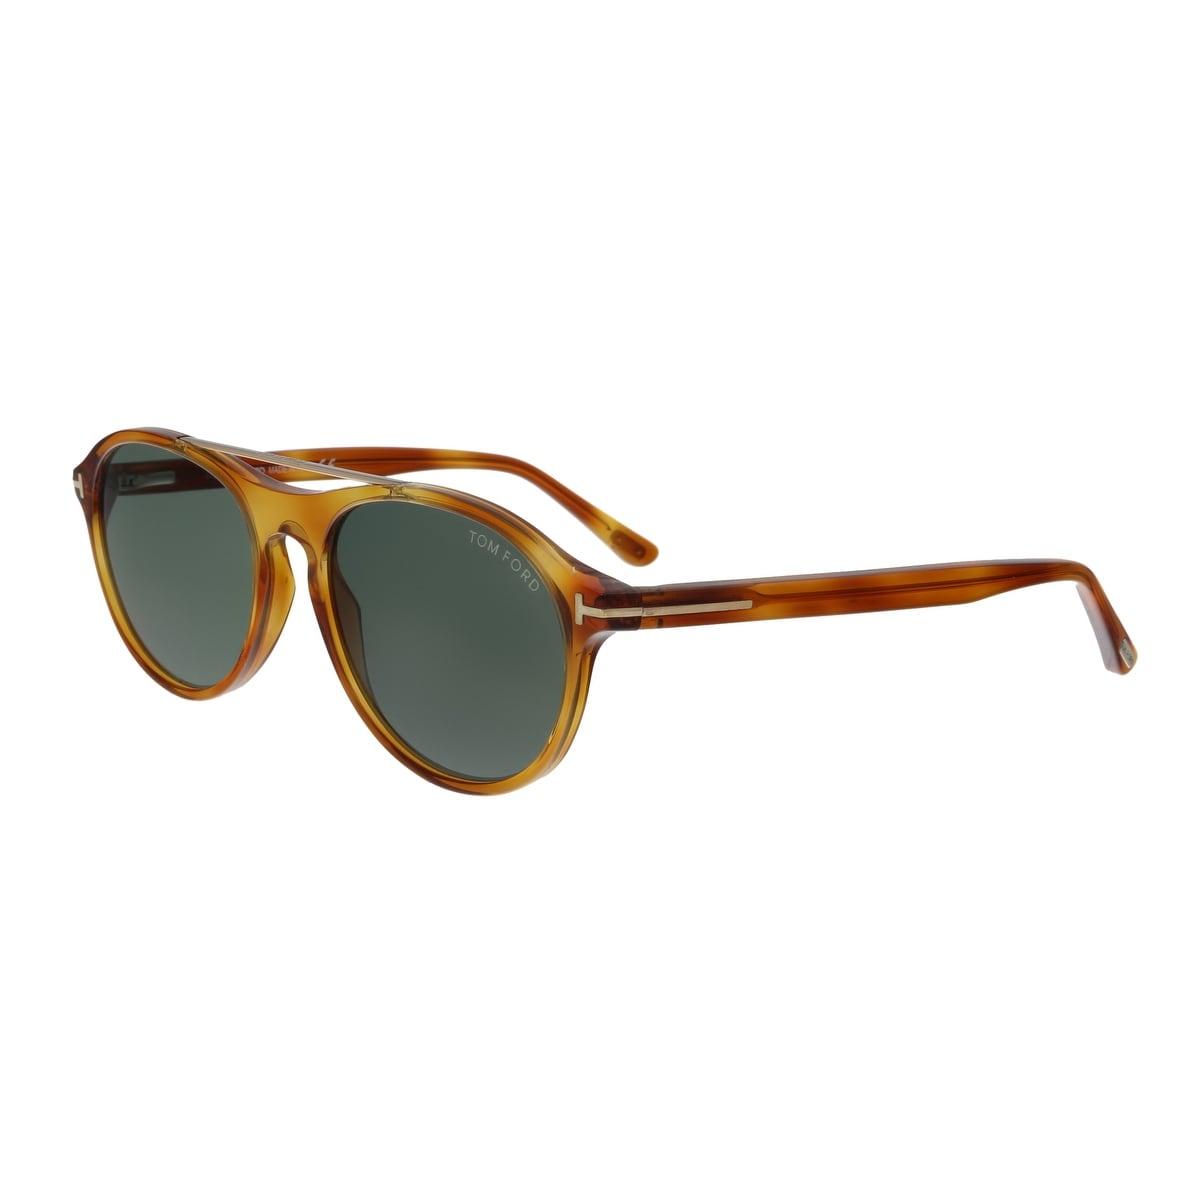 928db7b80bb Aviator Sunglasses